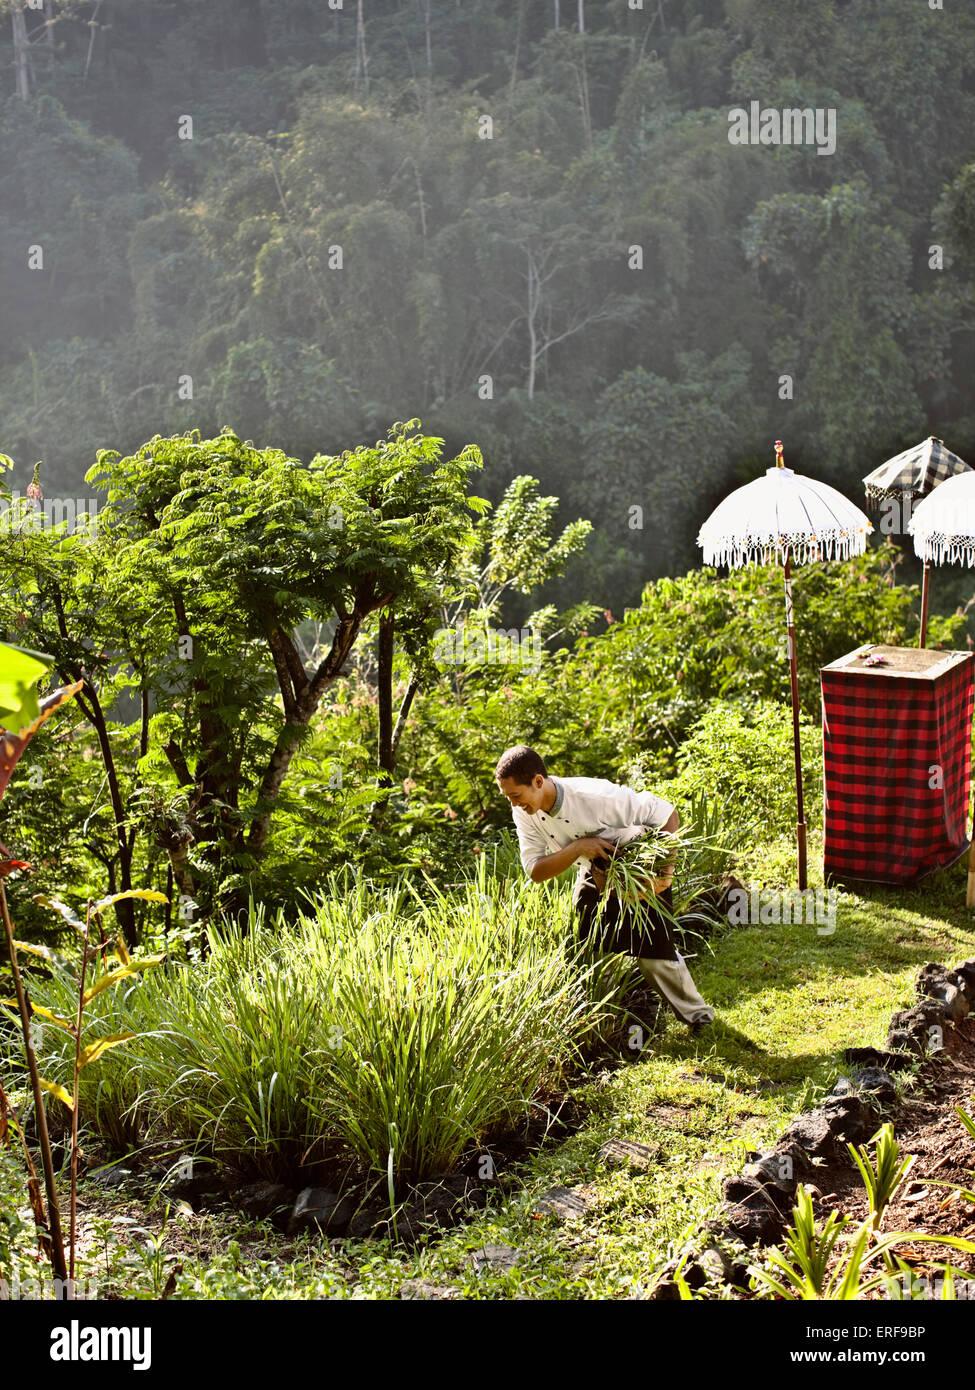 Chef recoge verduras de la huerta orgánica del resort en Ubud Hanging Gardens, Bali, Indonesia. Imagen De Stock